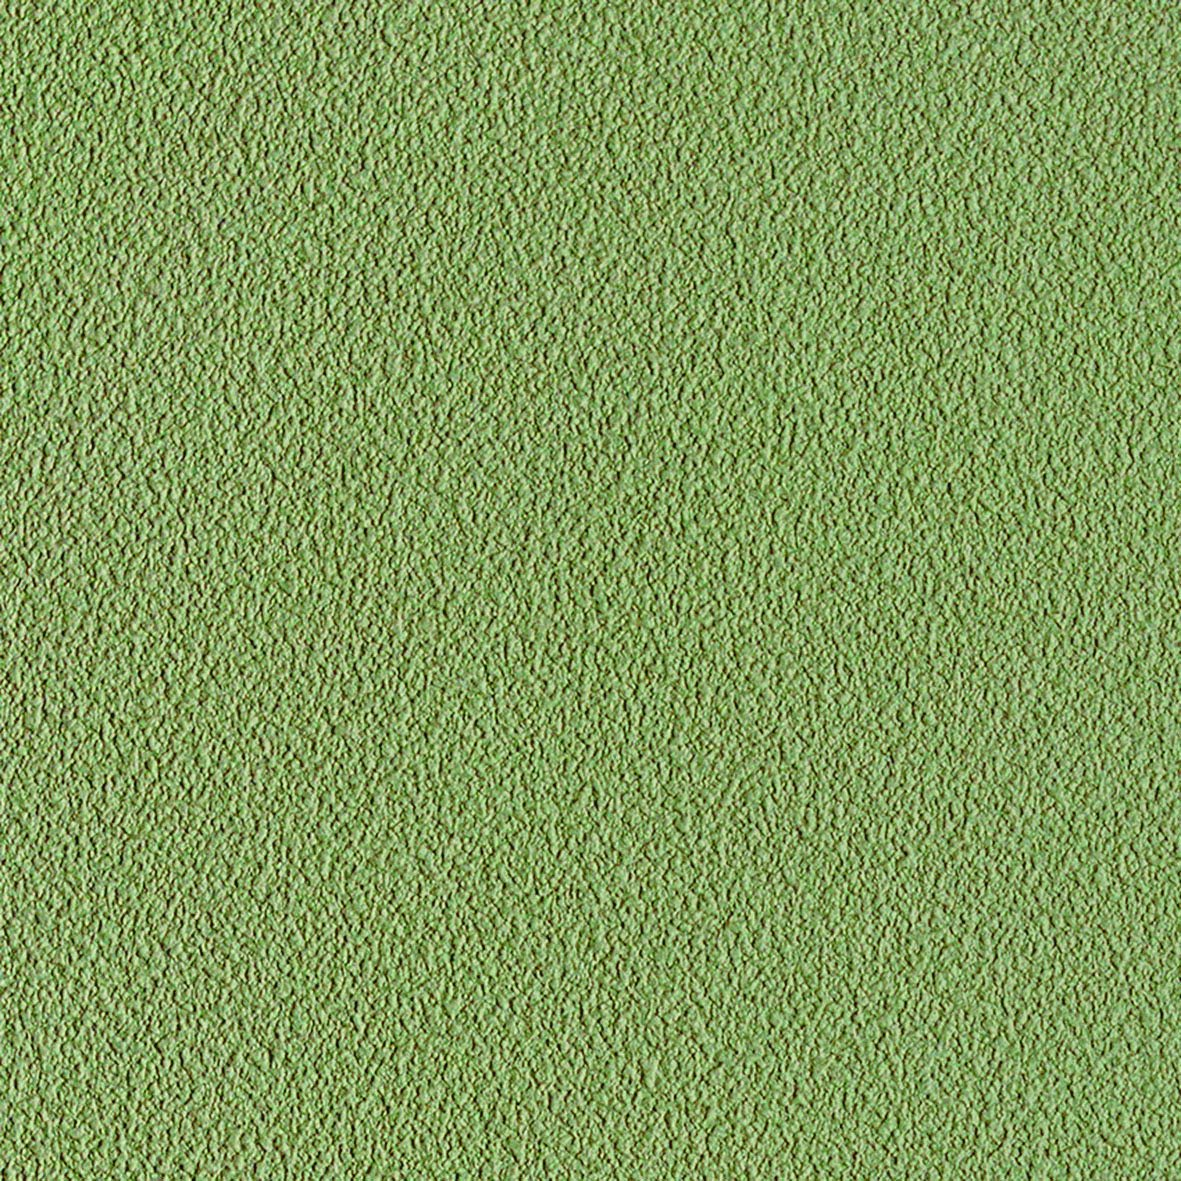 リリカラ 壁紙22m ナチュラル 石目調 グリーン LL-8282 B01MXHPGIA 22m|グリーン2